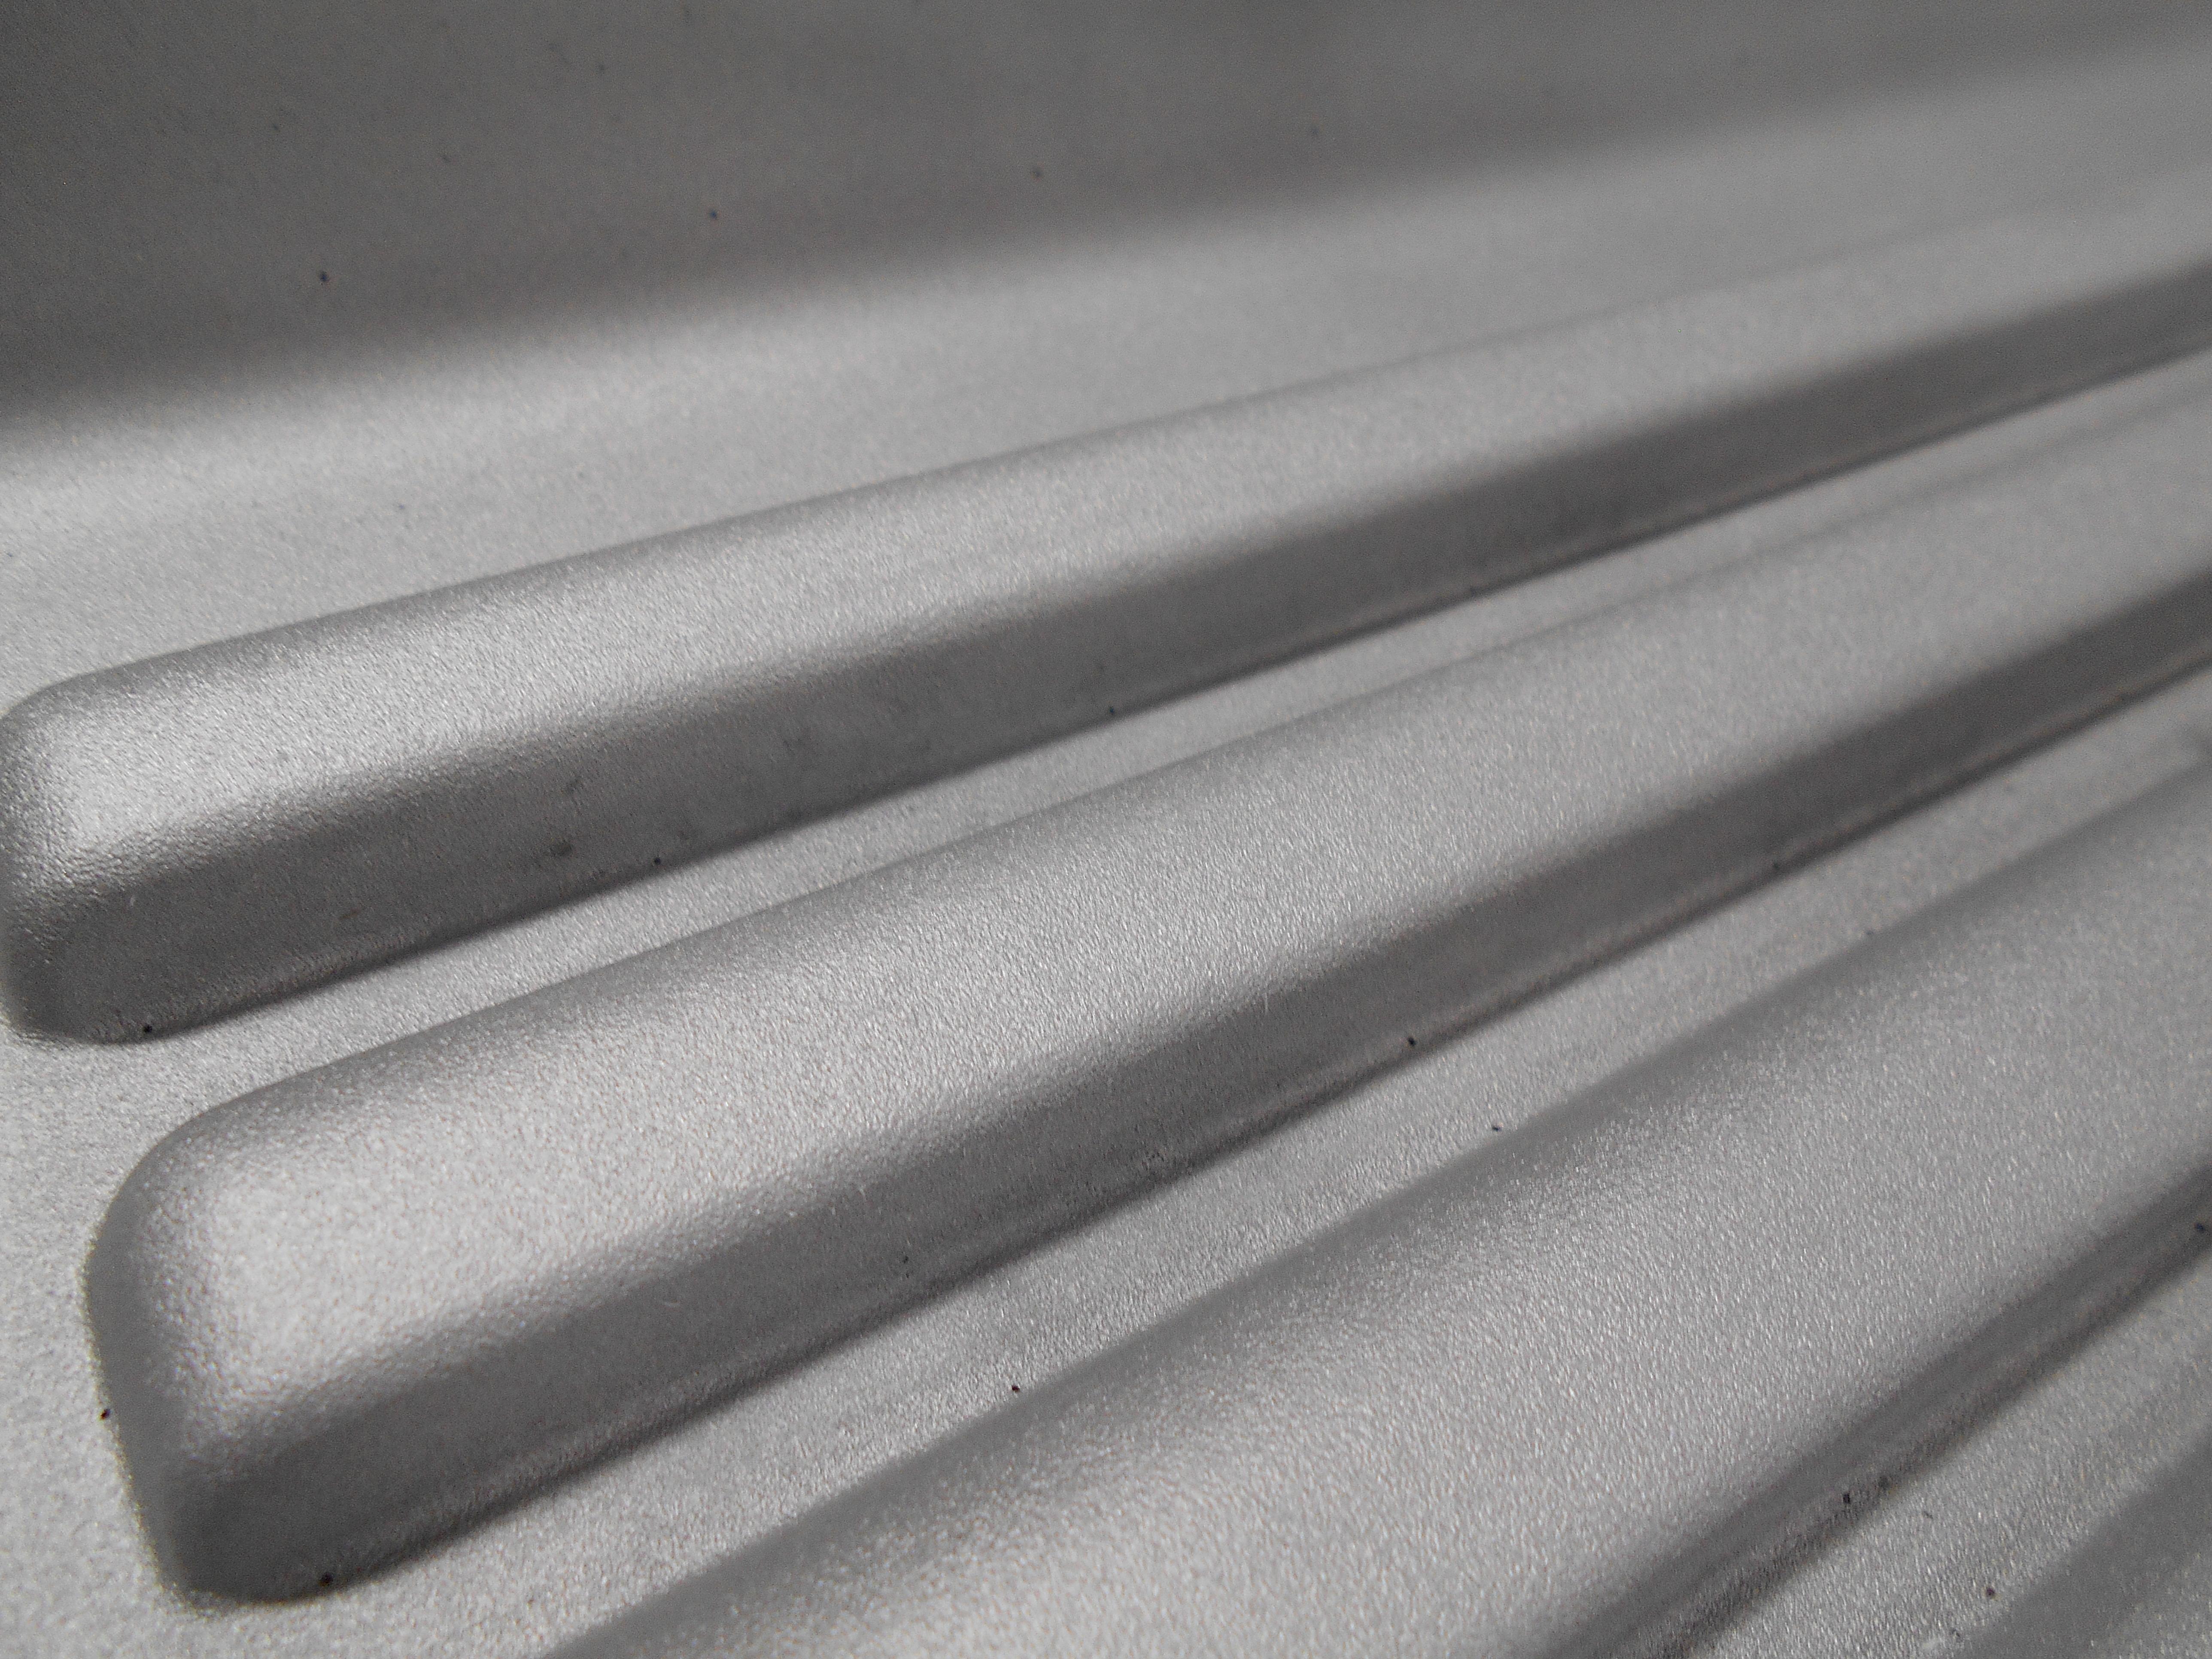 acid etch pressure form mold (2)